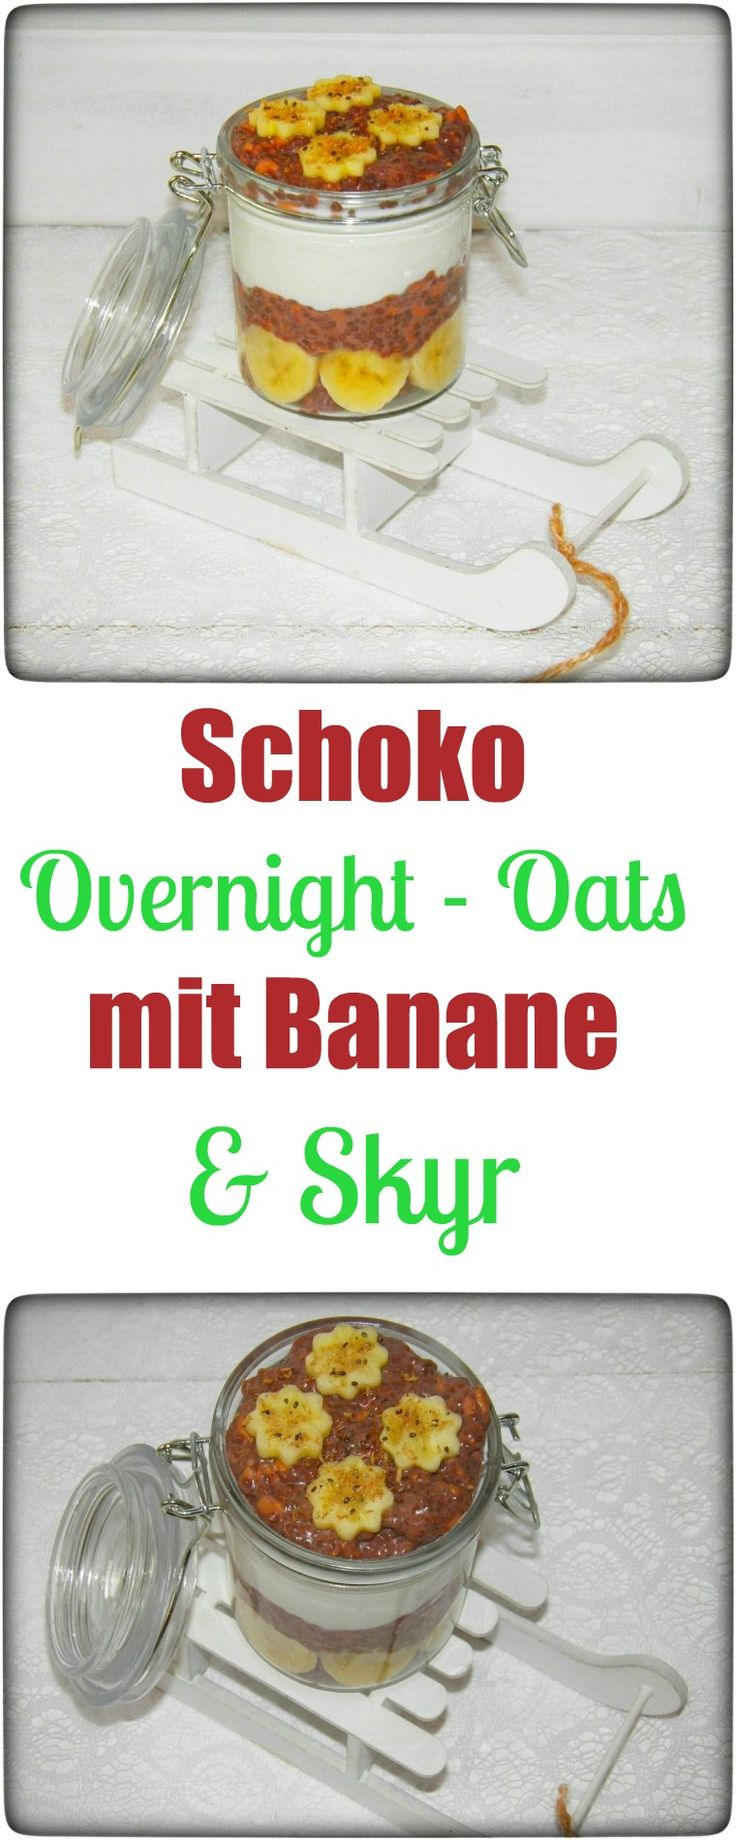 Leckere Schoko Overnight - Oats mit Kakao & Banane. Mit Dinkelflocken und Chiapudding und Skyr. Lecker!!